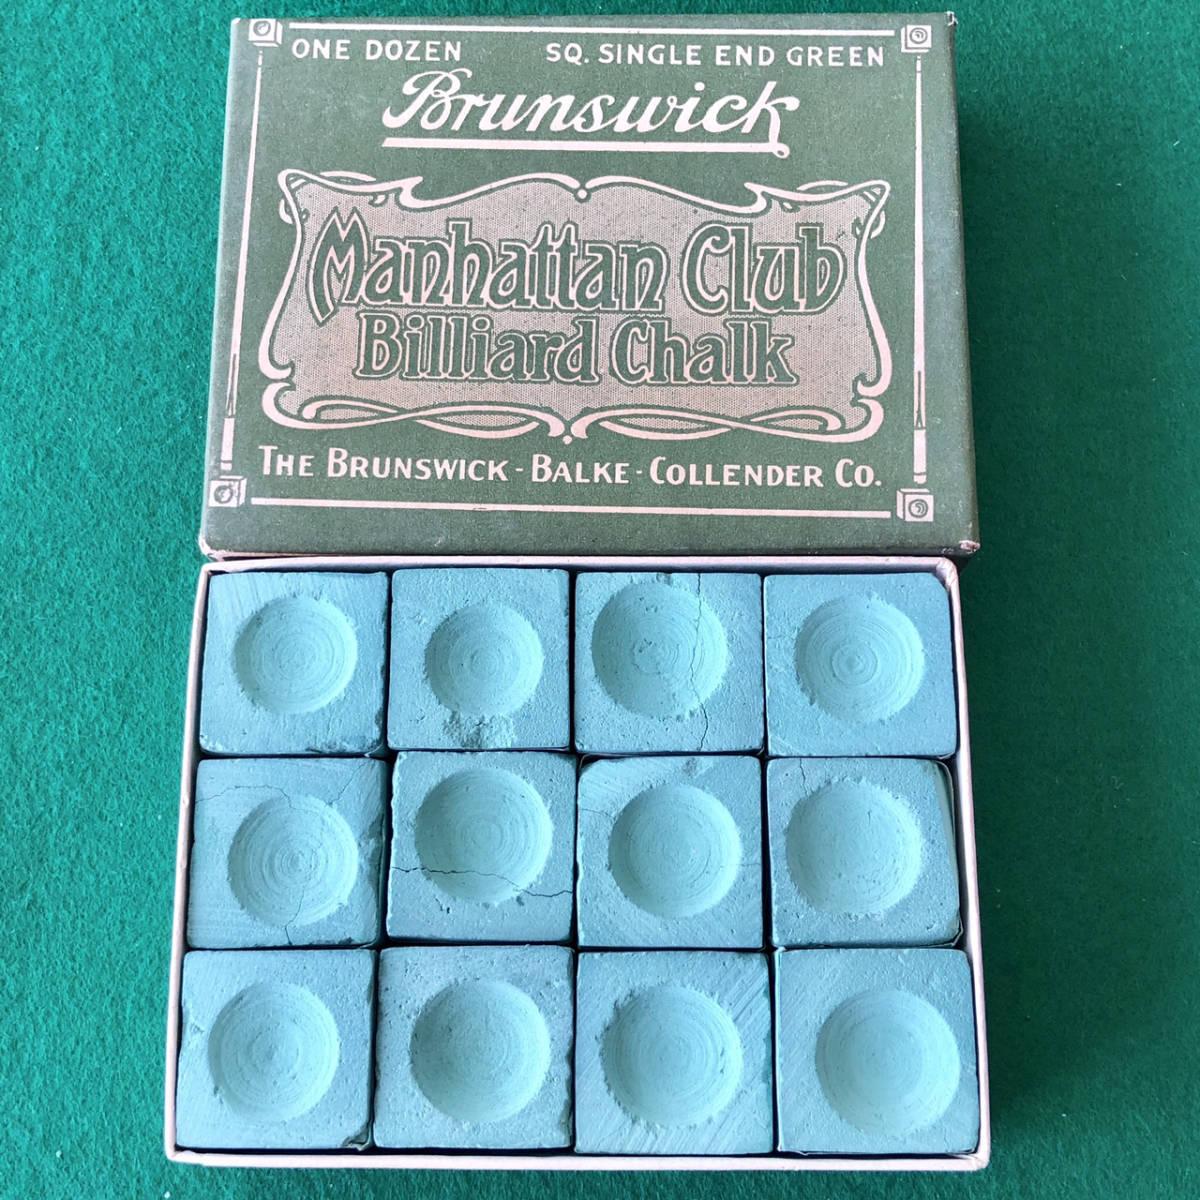 ビリヤード チョーク ブランズウィック マンハッタンクラブ 緑 1箱(12個) 箱付き アンティーク_画像9